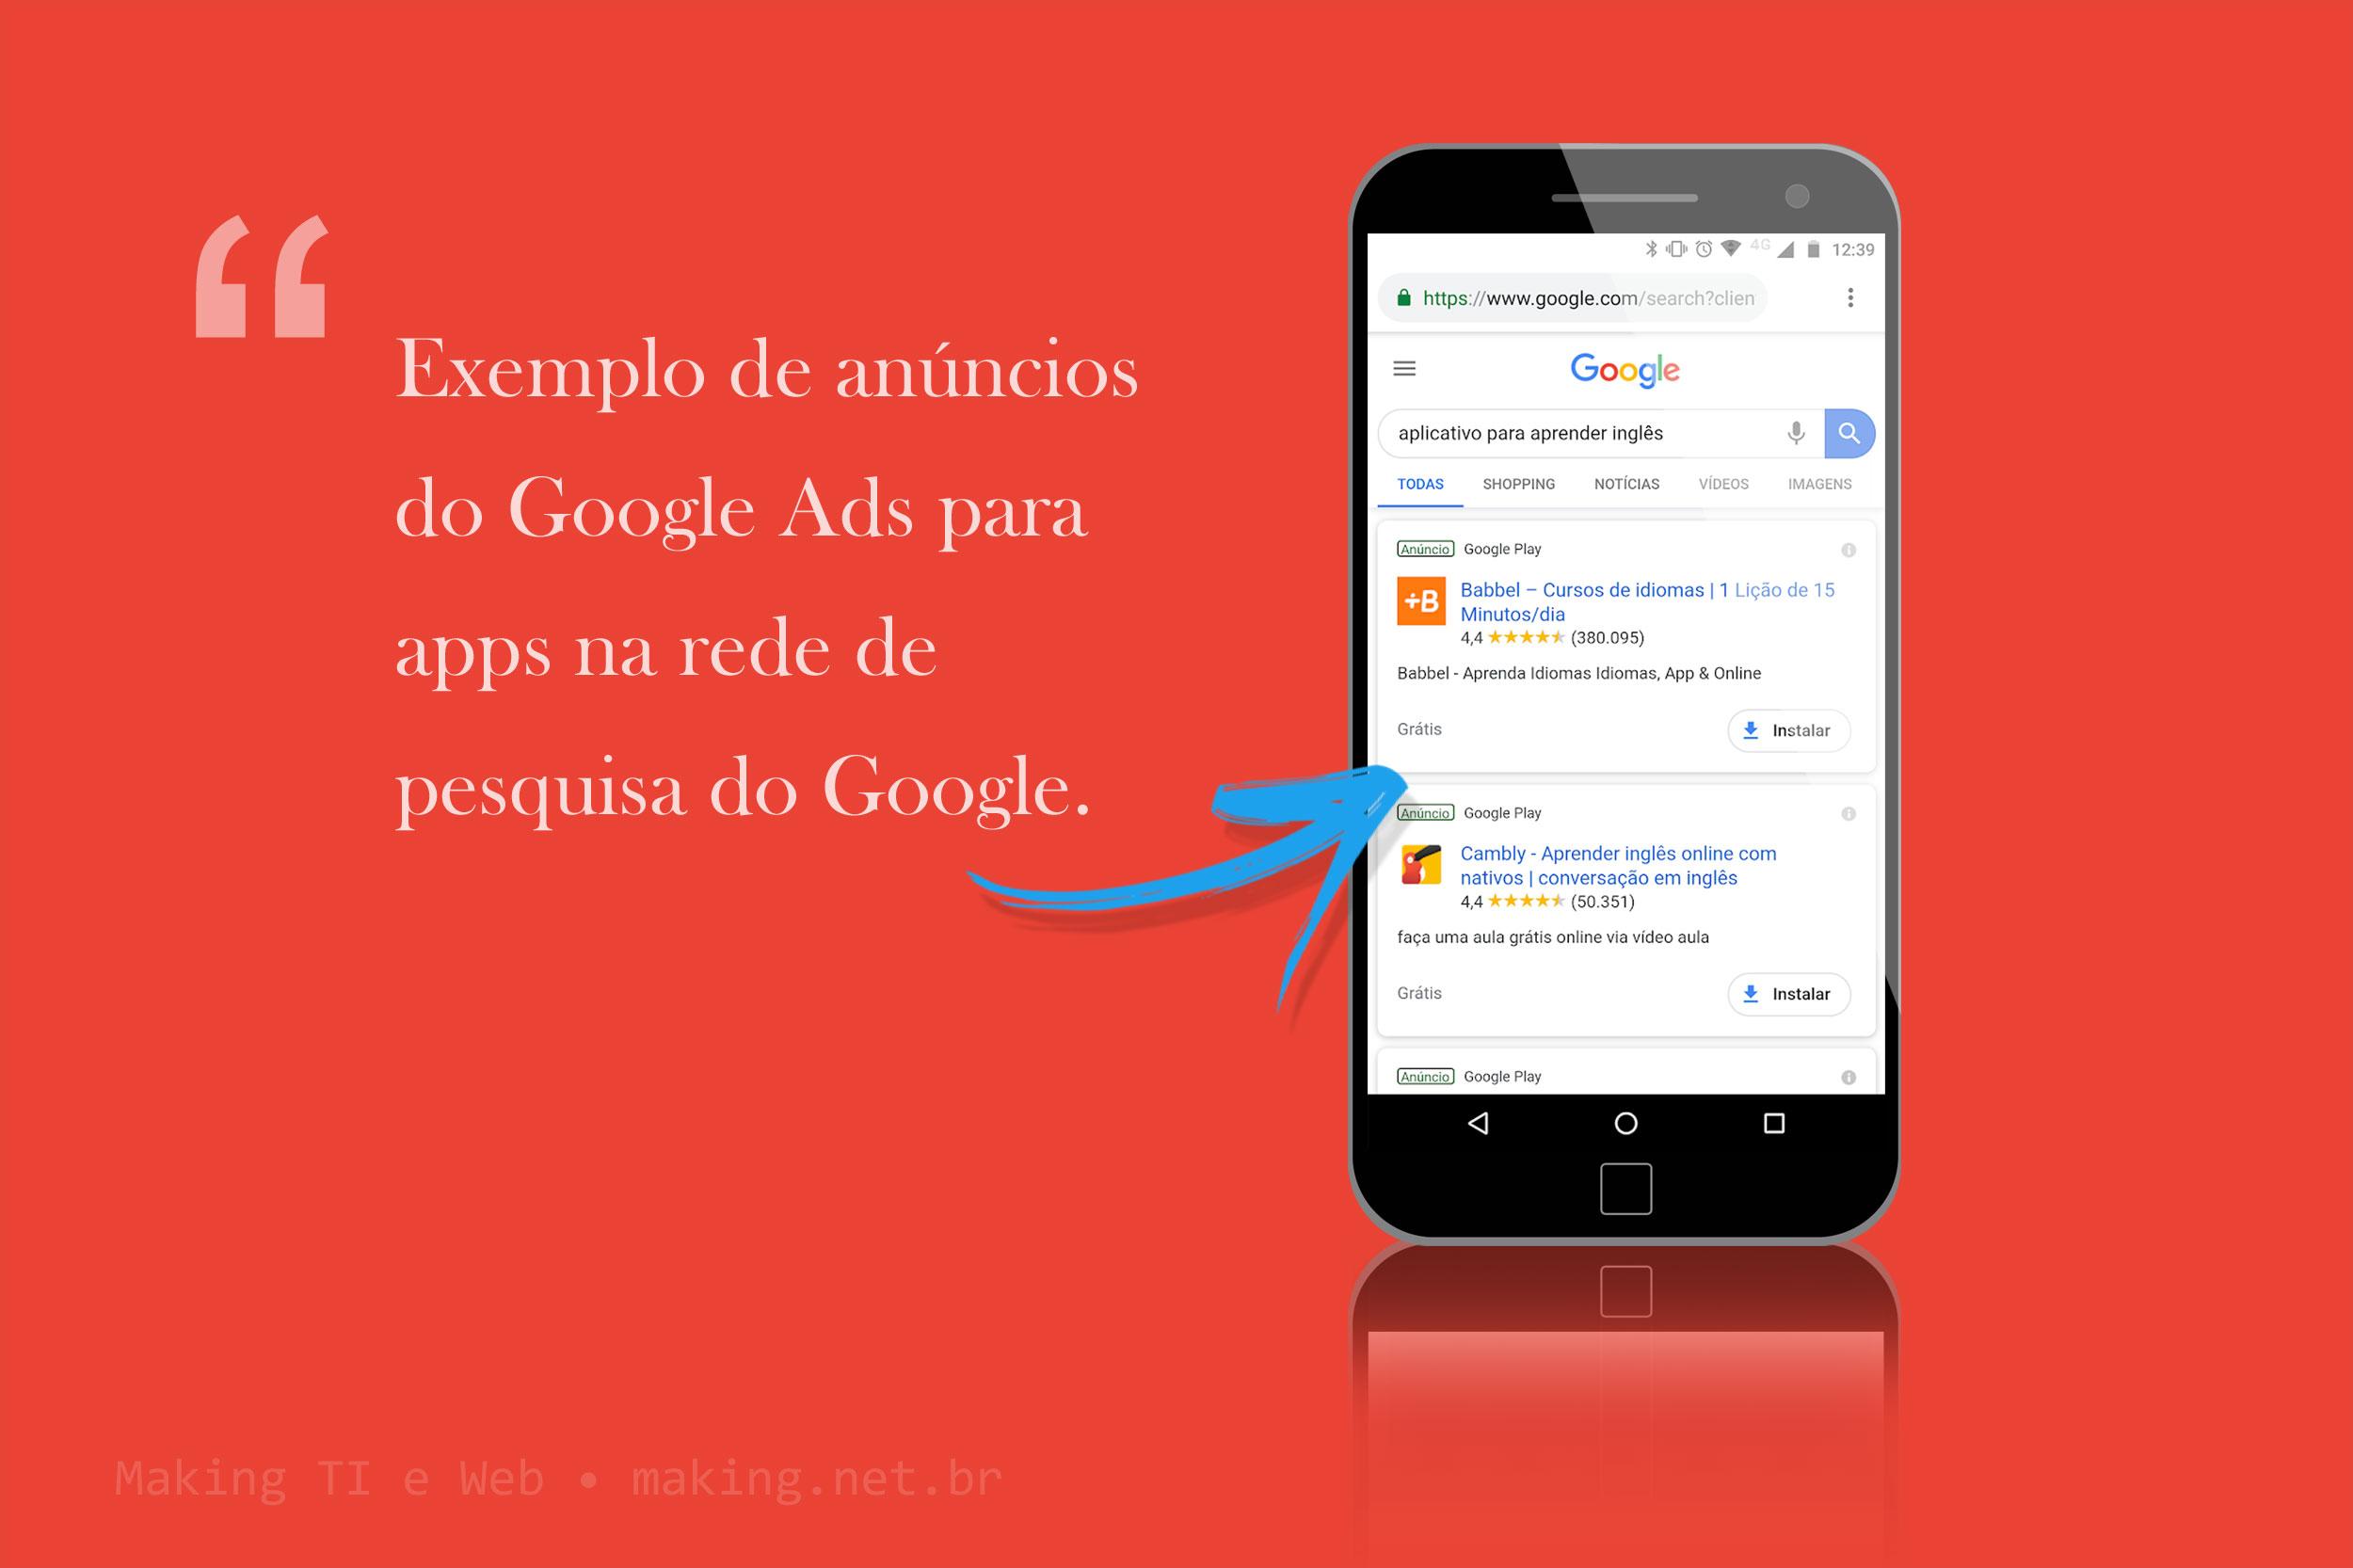 Exemplo de anúncios de apps no Google Ads